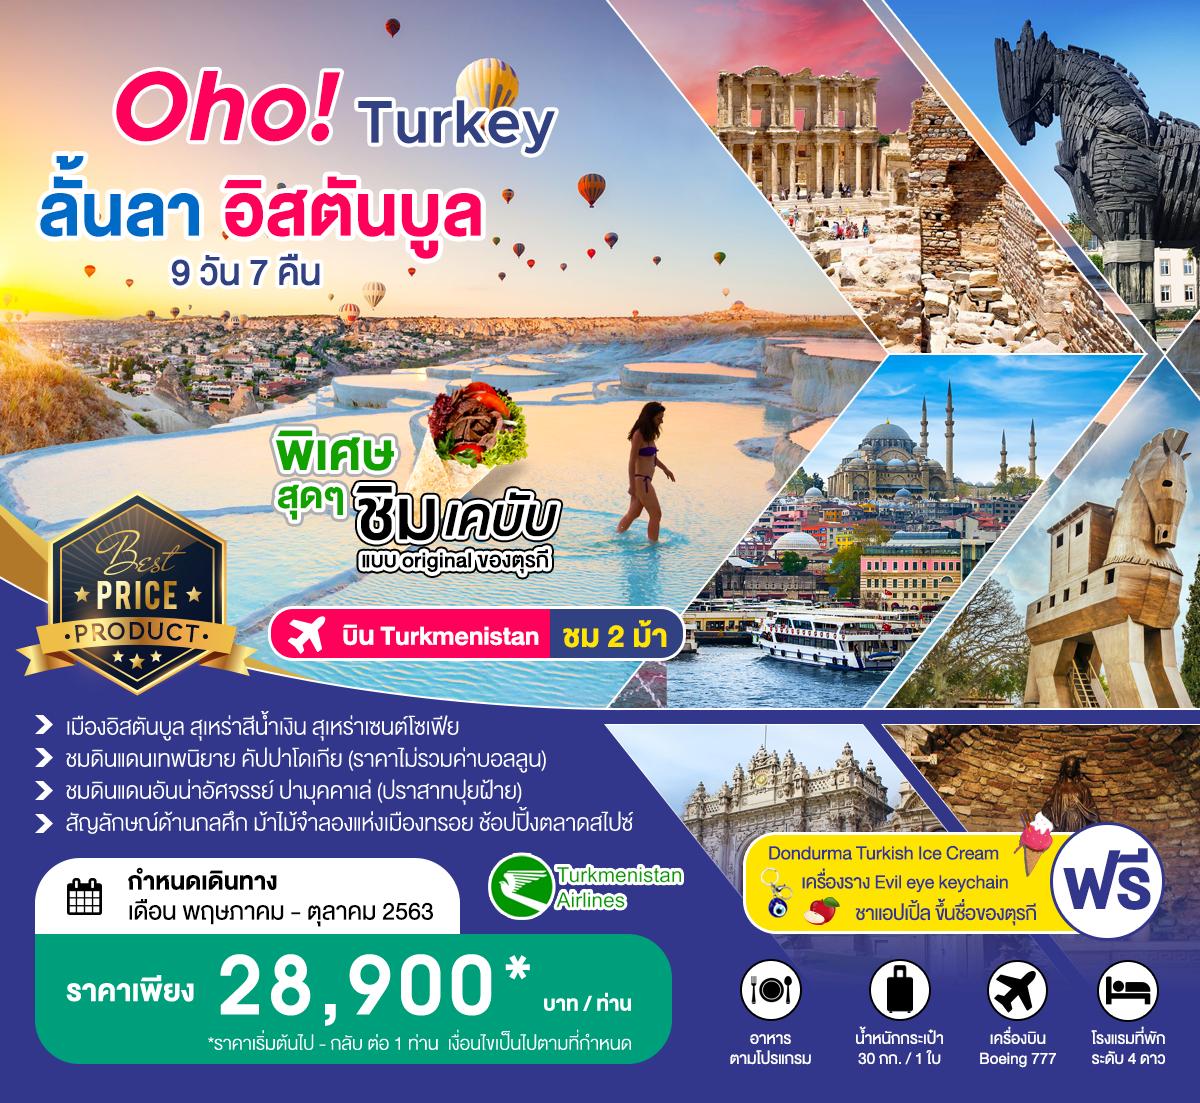 ทัวร์ตุรกี-Oho!-Turkey-ลั้นลา-อิสตันบูล-9D7N-(MAY-OCT20)(T5)